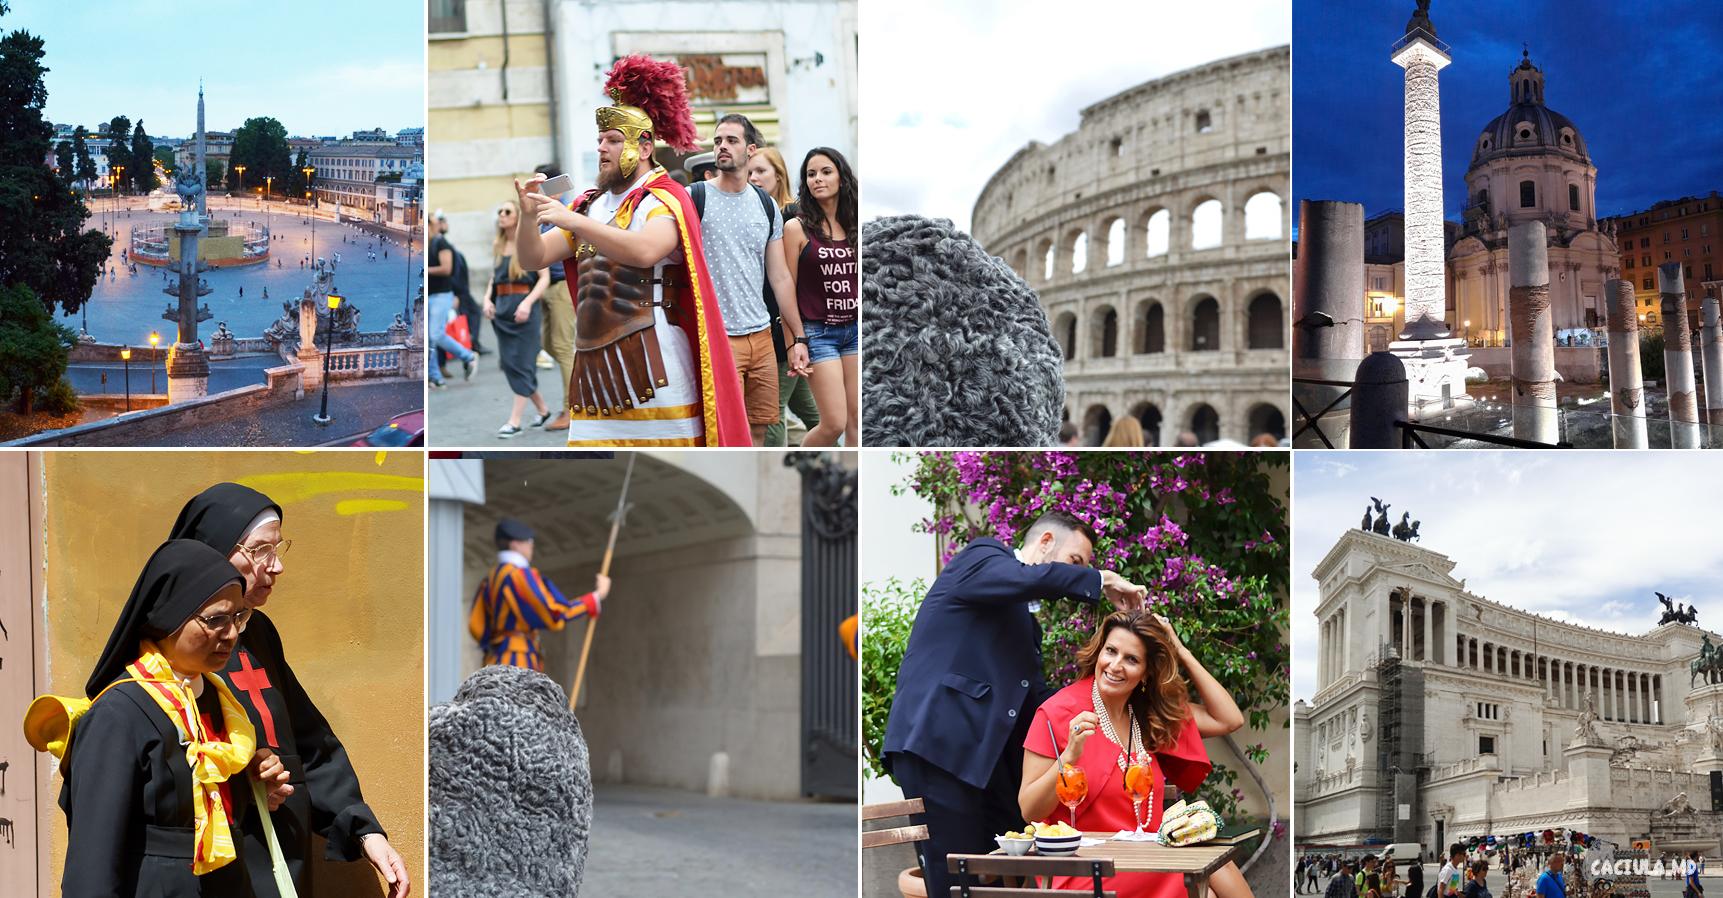 collage__roma_caciula_md